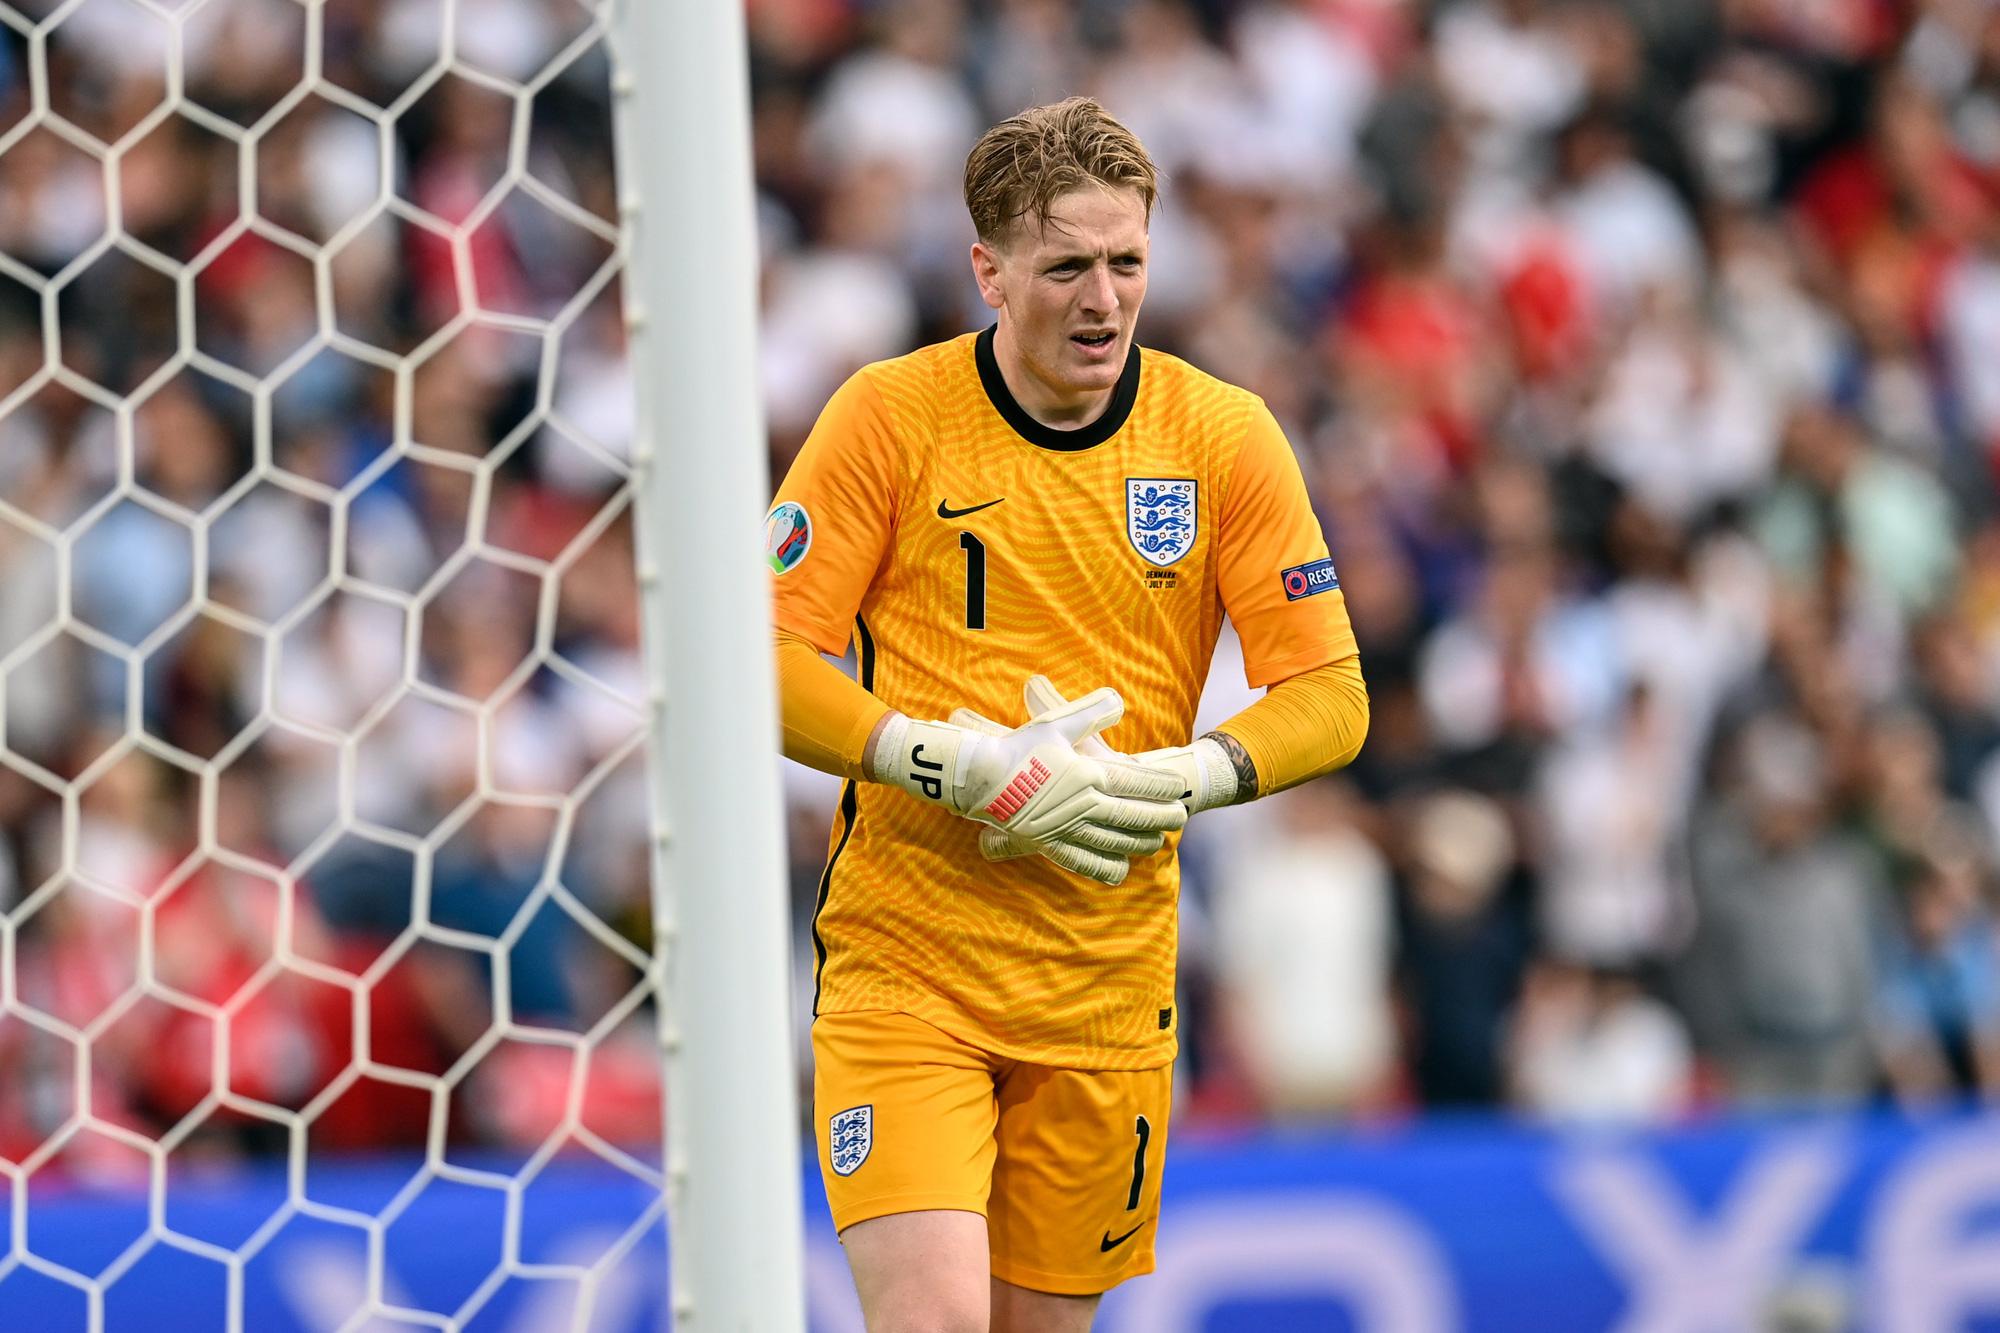 Chấm điểm cầu thủ Anh vs Đan Mạch: Maguire và Sterling tỏa sáng rực rỡ - Ảnh 1.